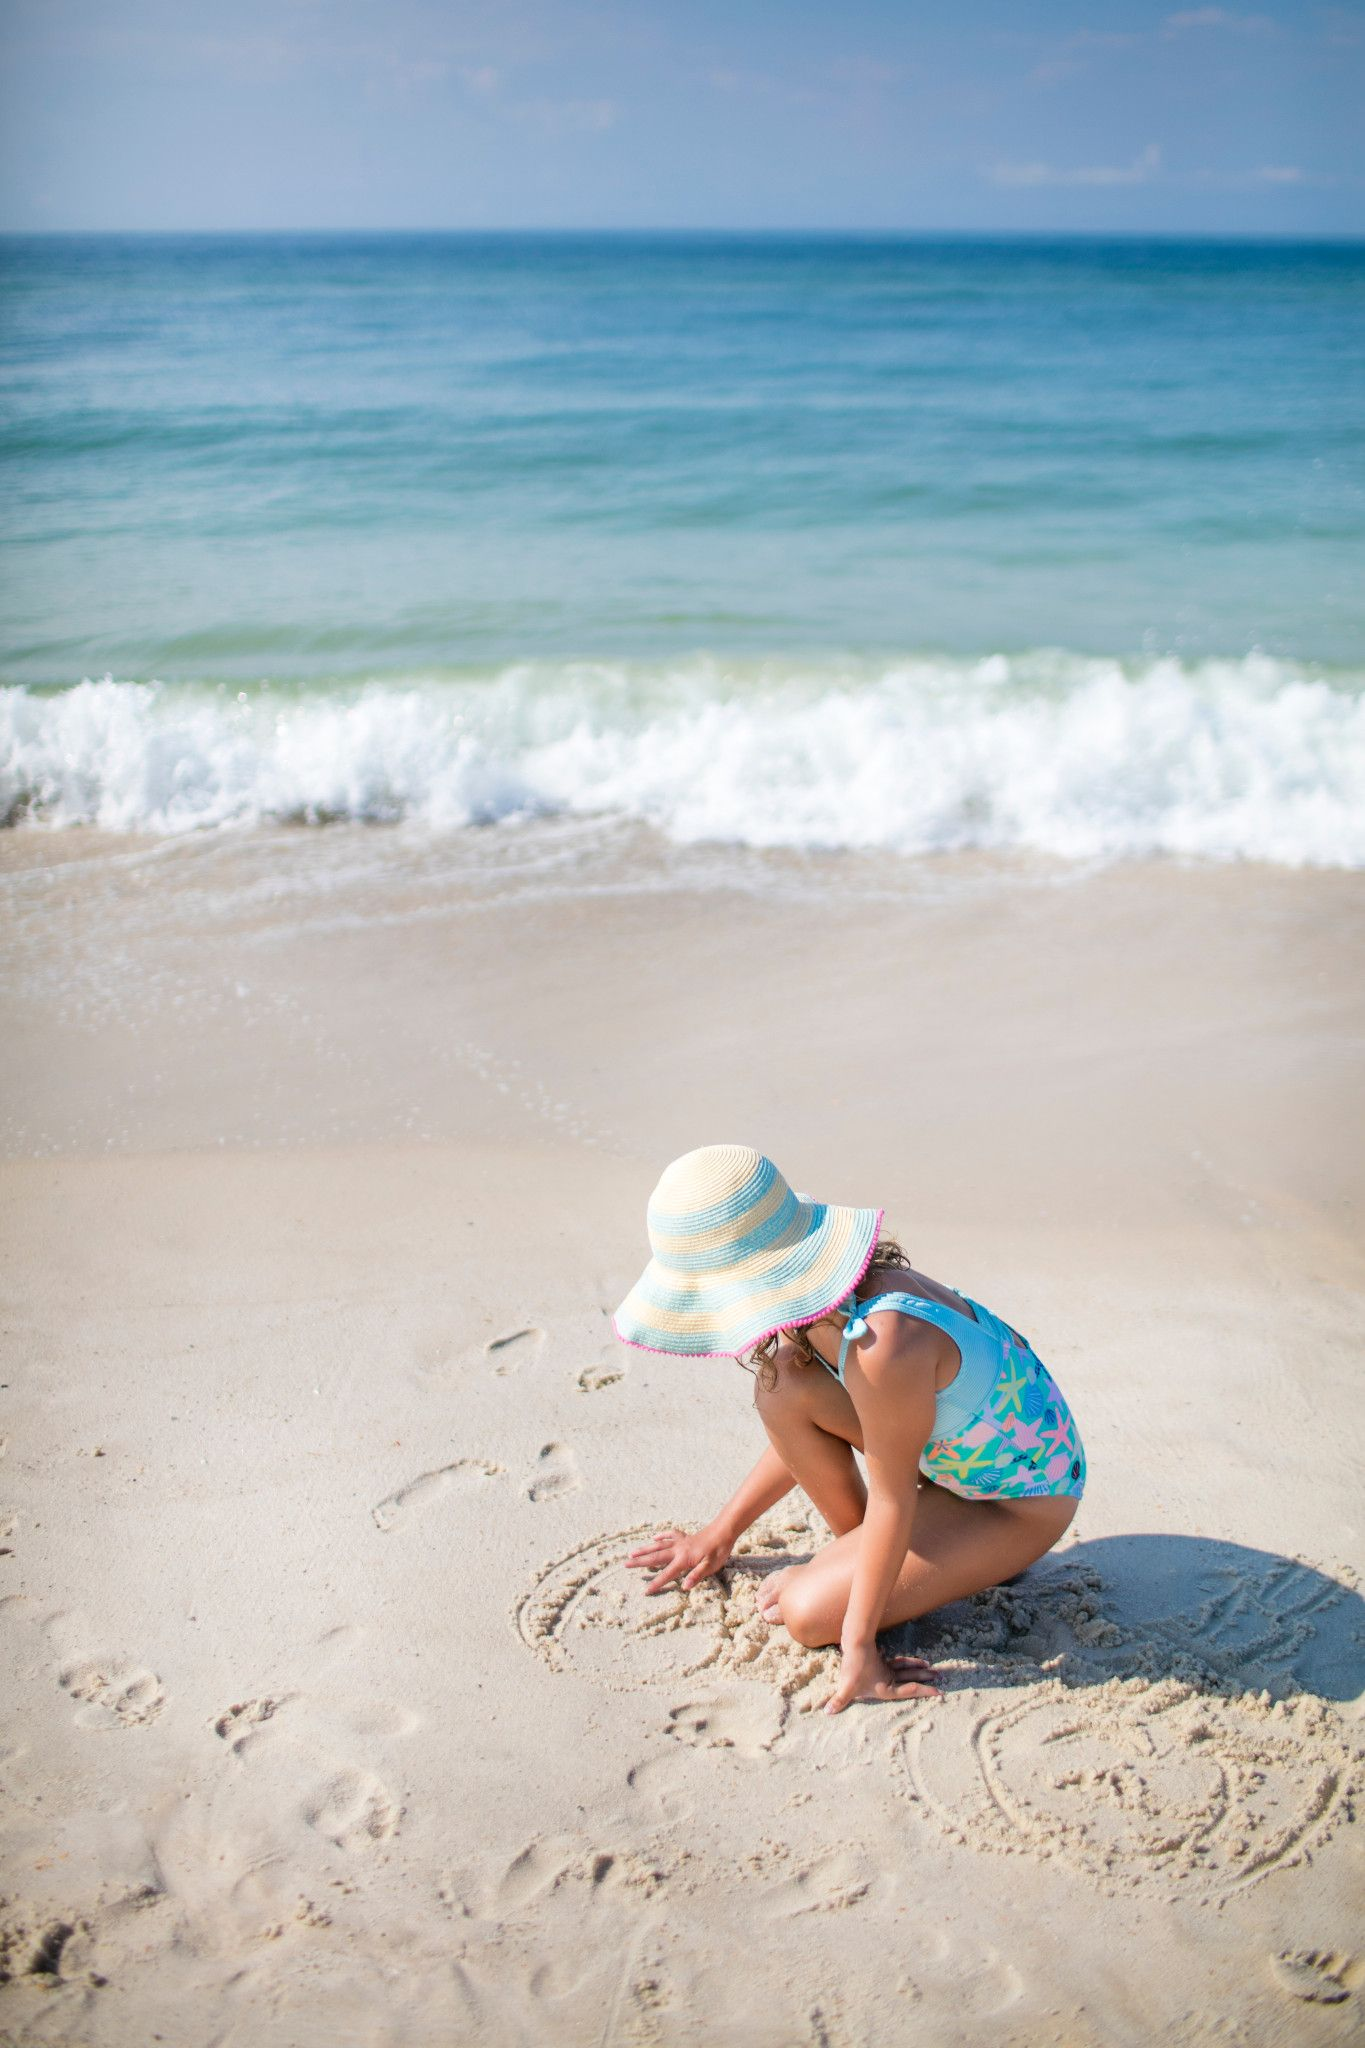 GulfStatePark_BeachKids1614.jpg